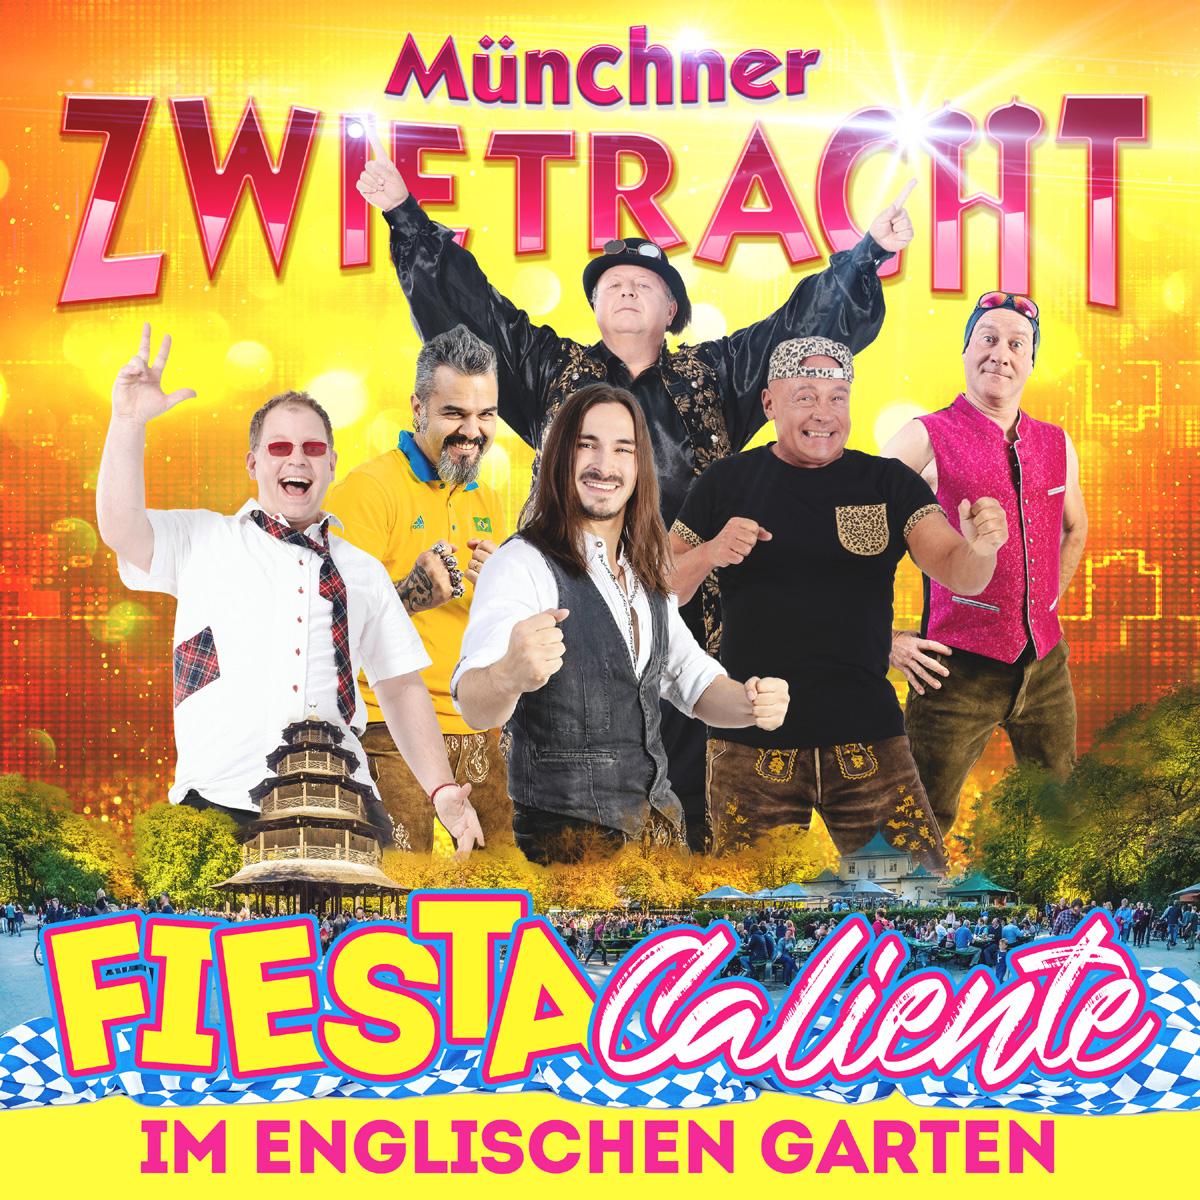 Münchner Zwietracht Fiesta Caliente im englischen Garten